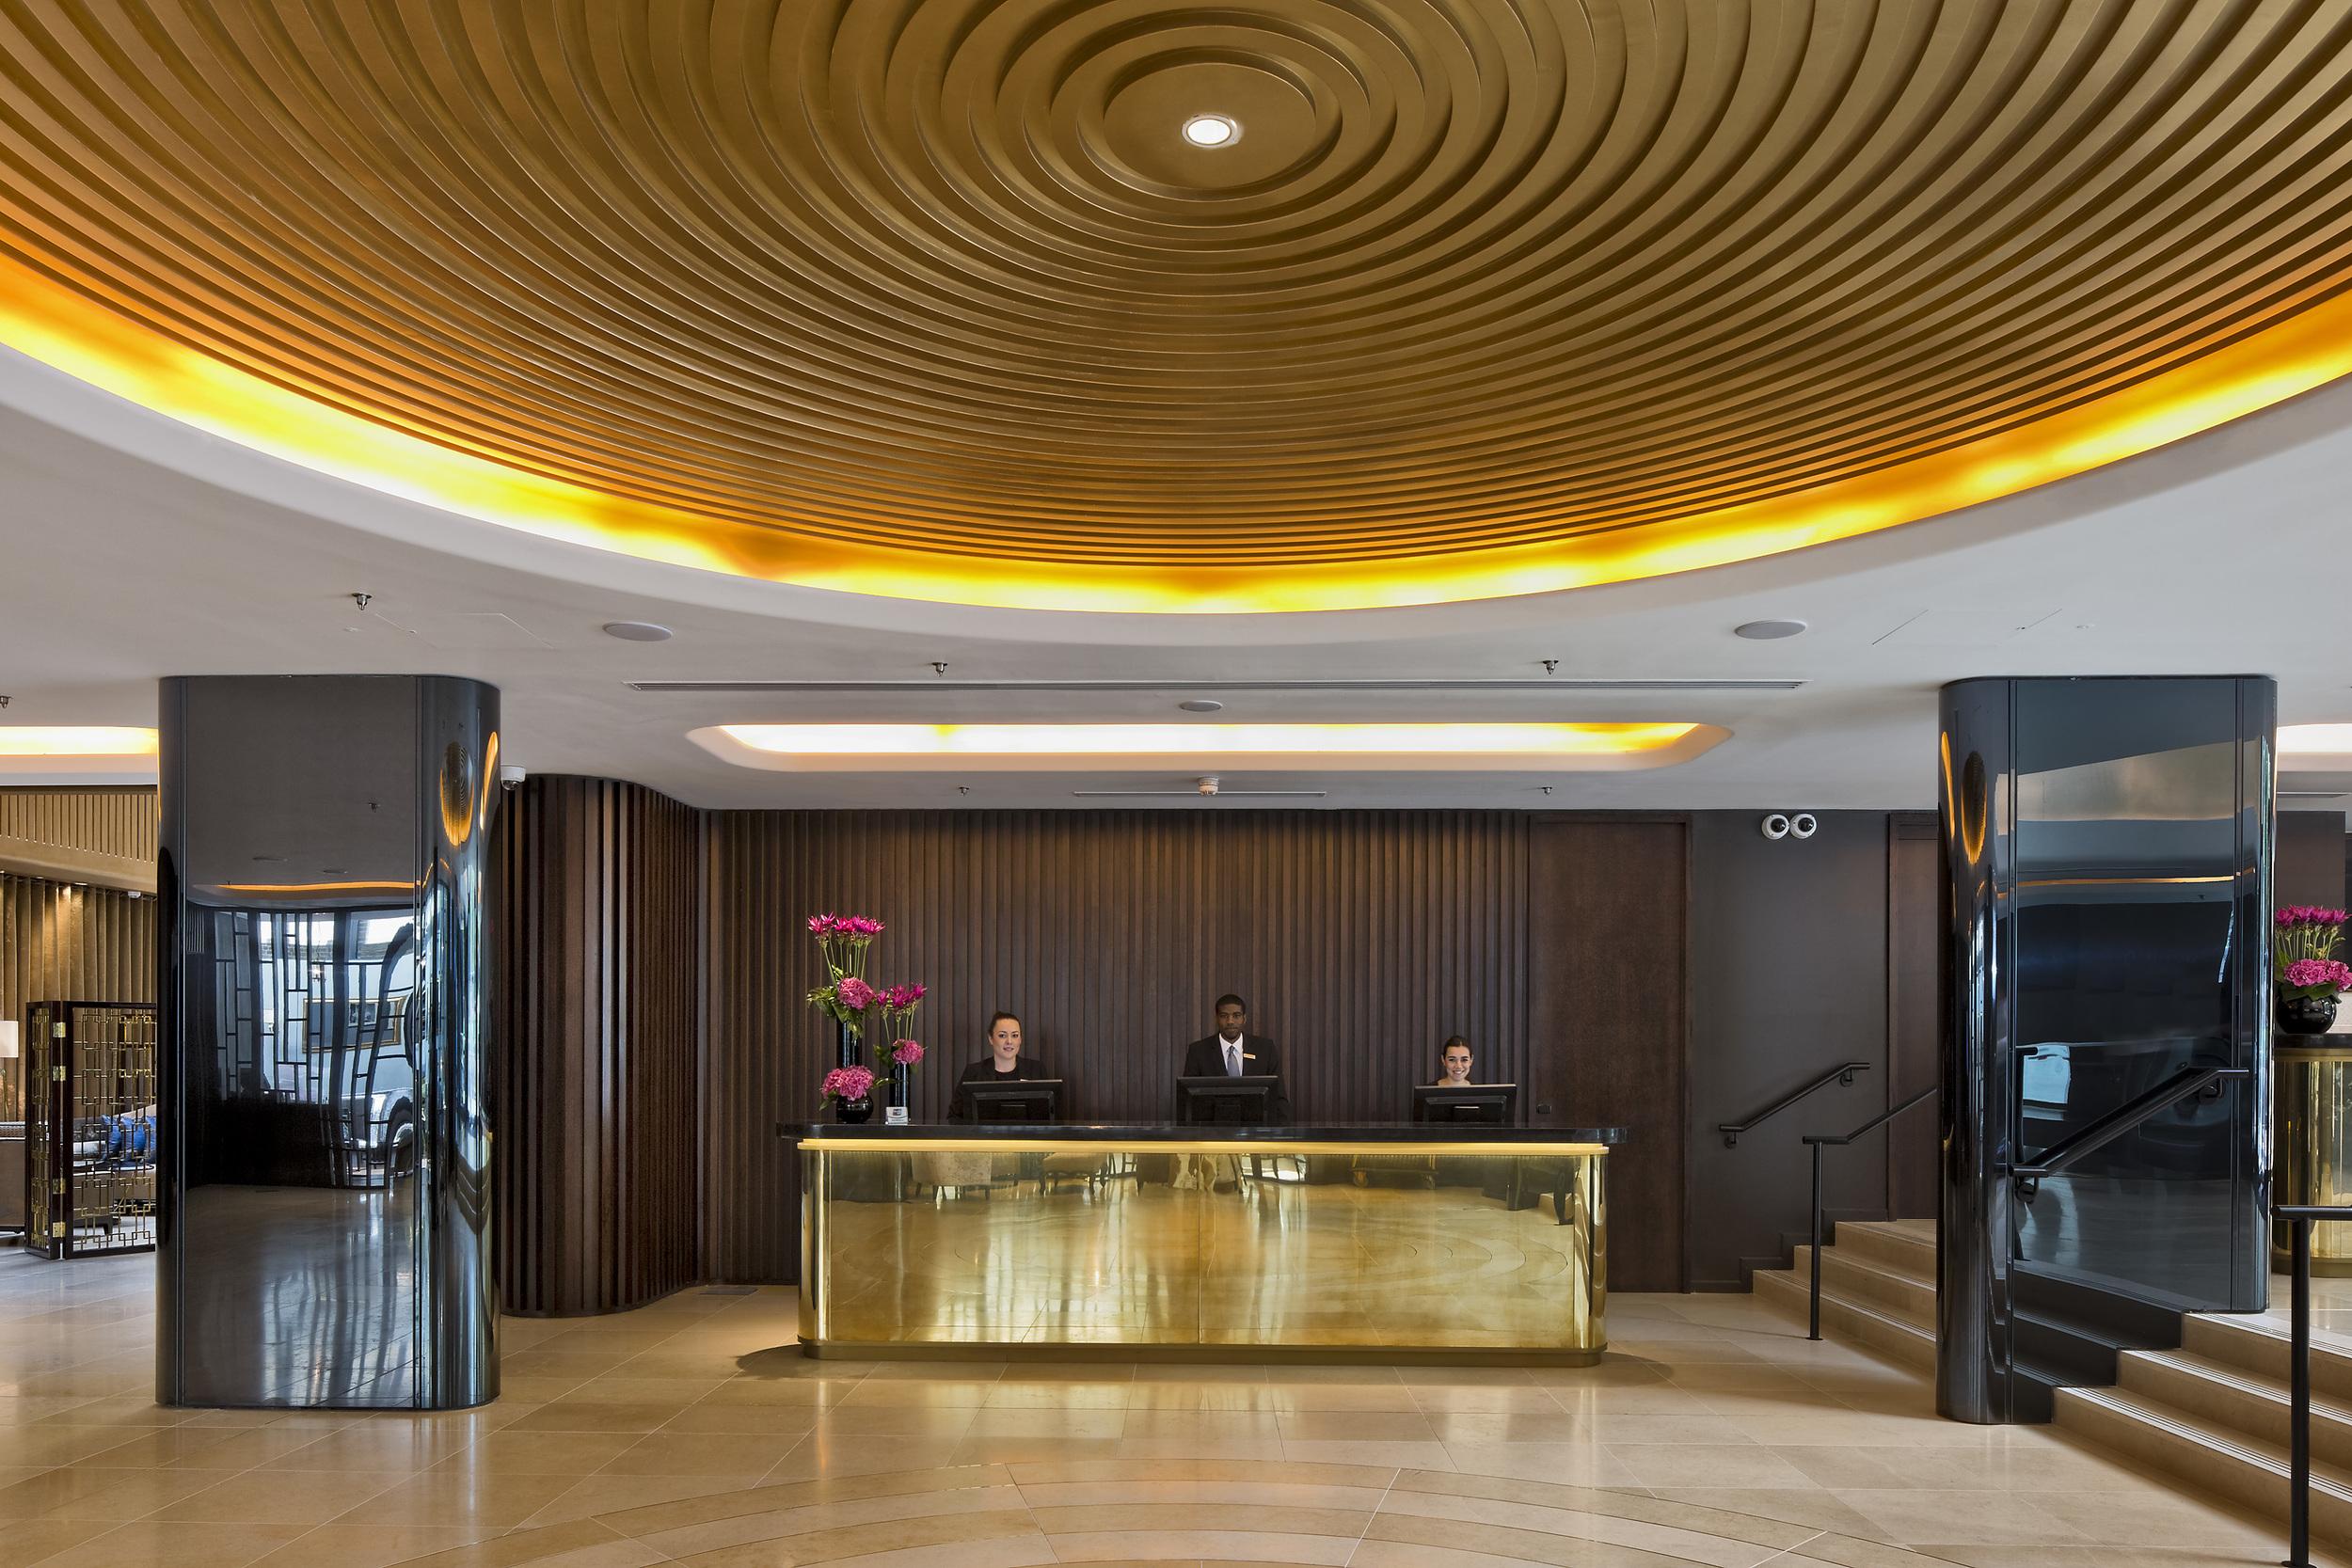 Dorsett Hotel reception (Anthony Weller).jpg